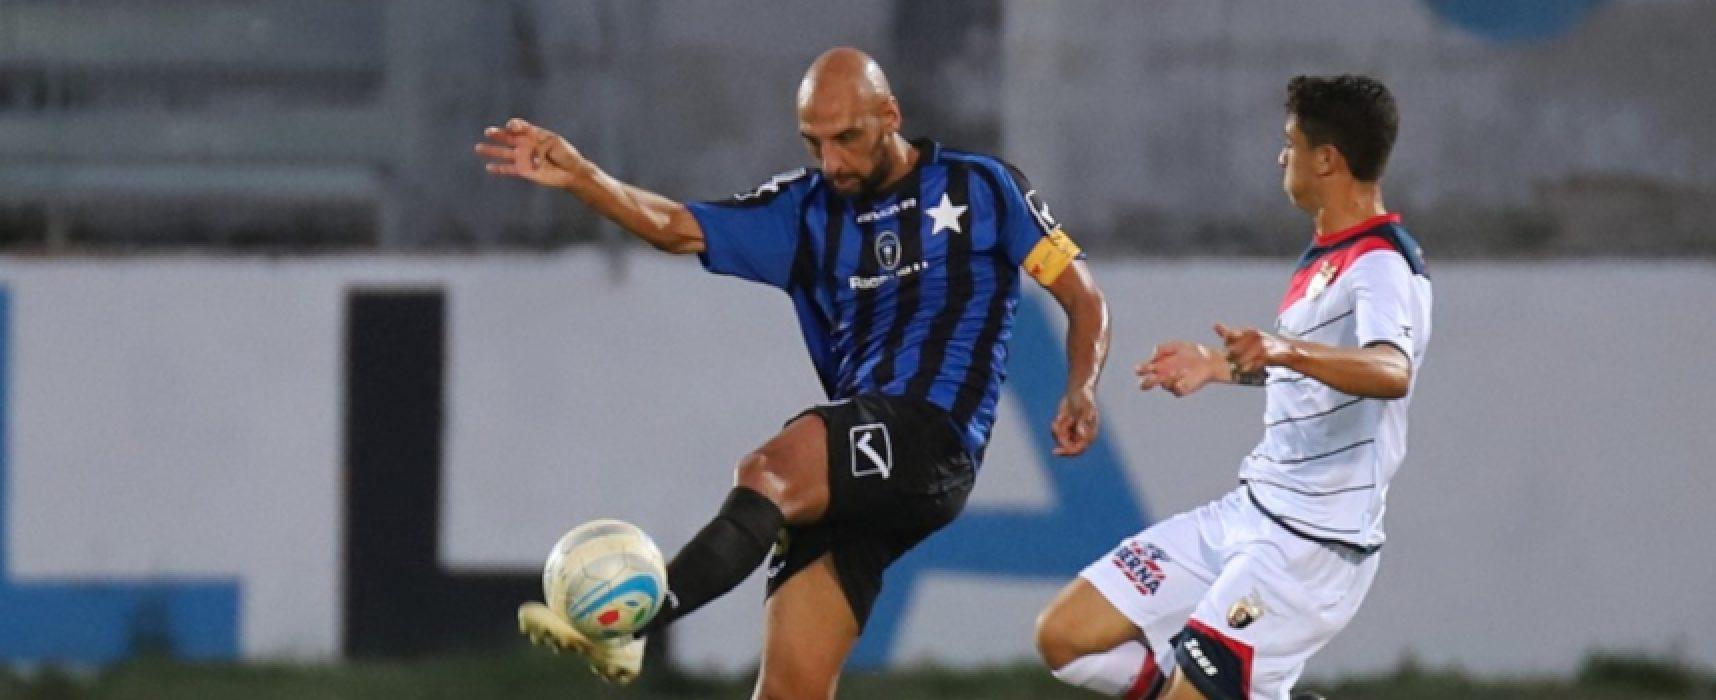 Il Bisceglie Calcio chiude il tour de force sul campo della Sicula Leonzio